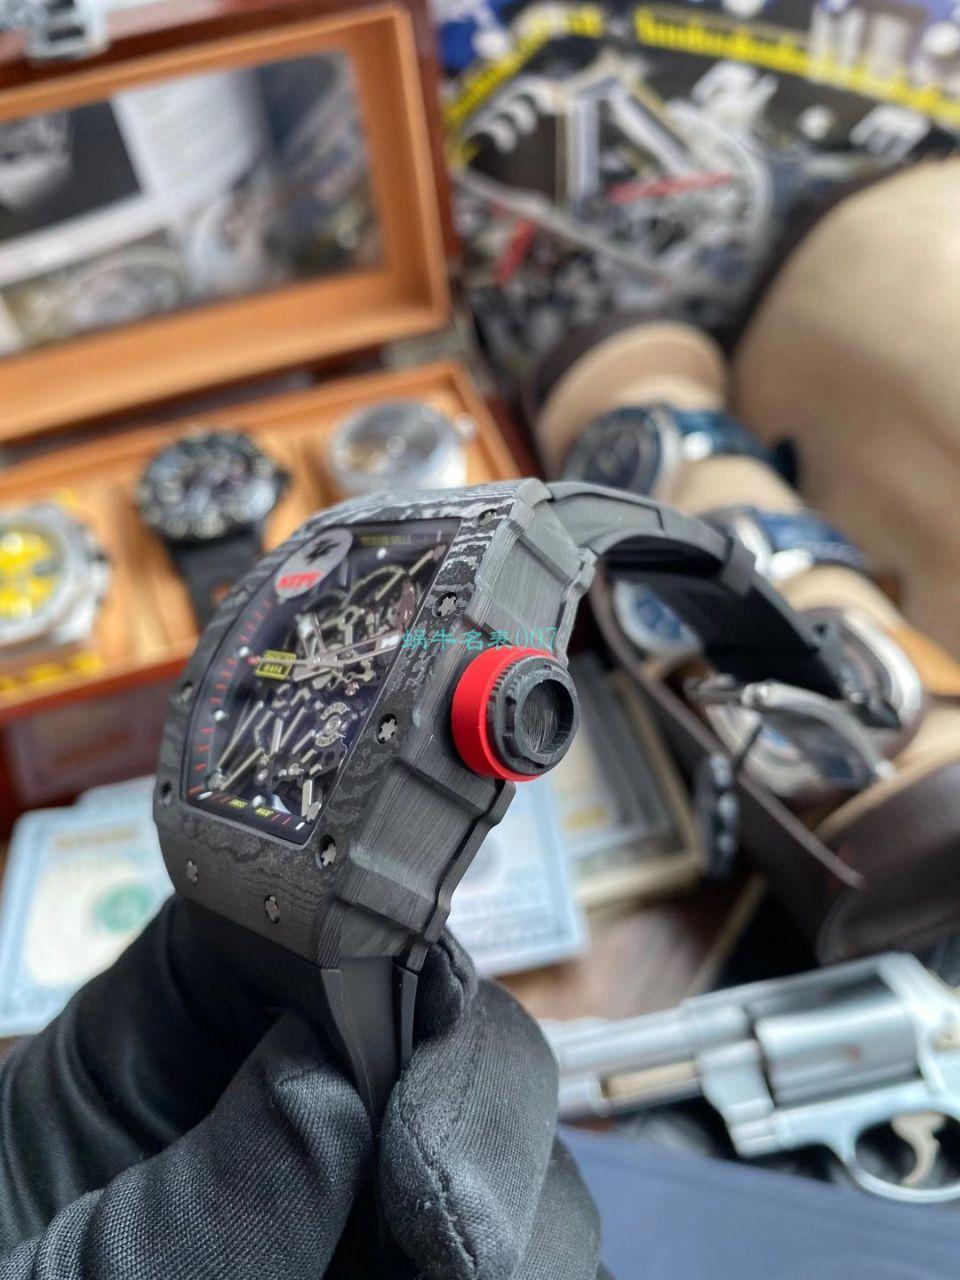 【视频评测】ZF厂1比1复刻理查德米勒Richard Mille V3版本RM 35-02手表 / ZFRM035-02V3